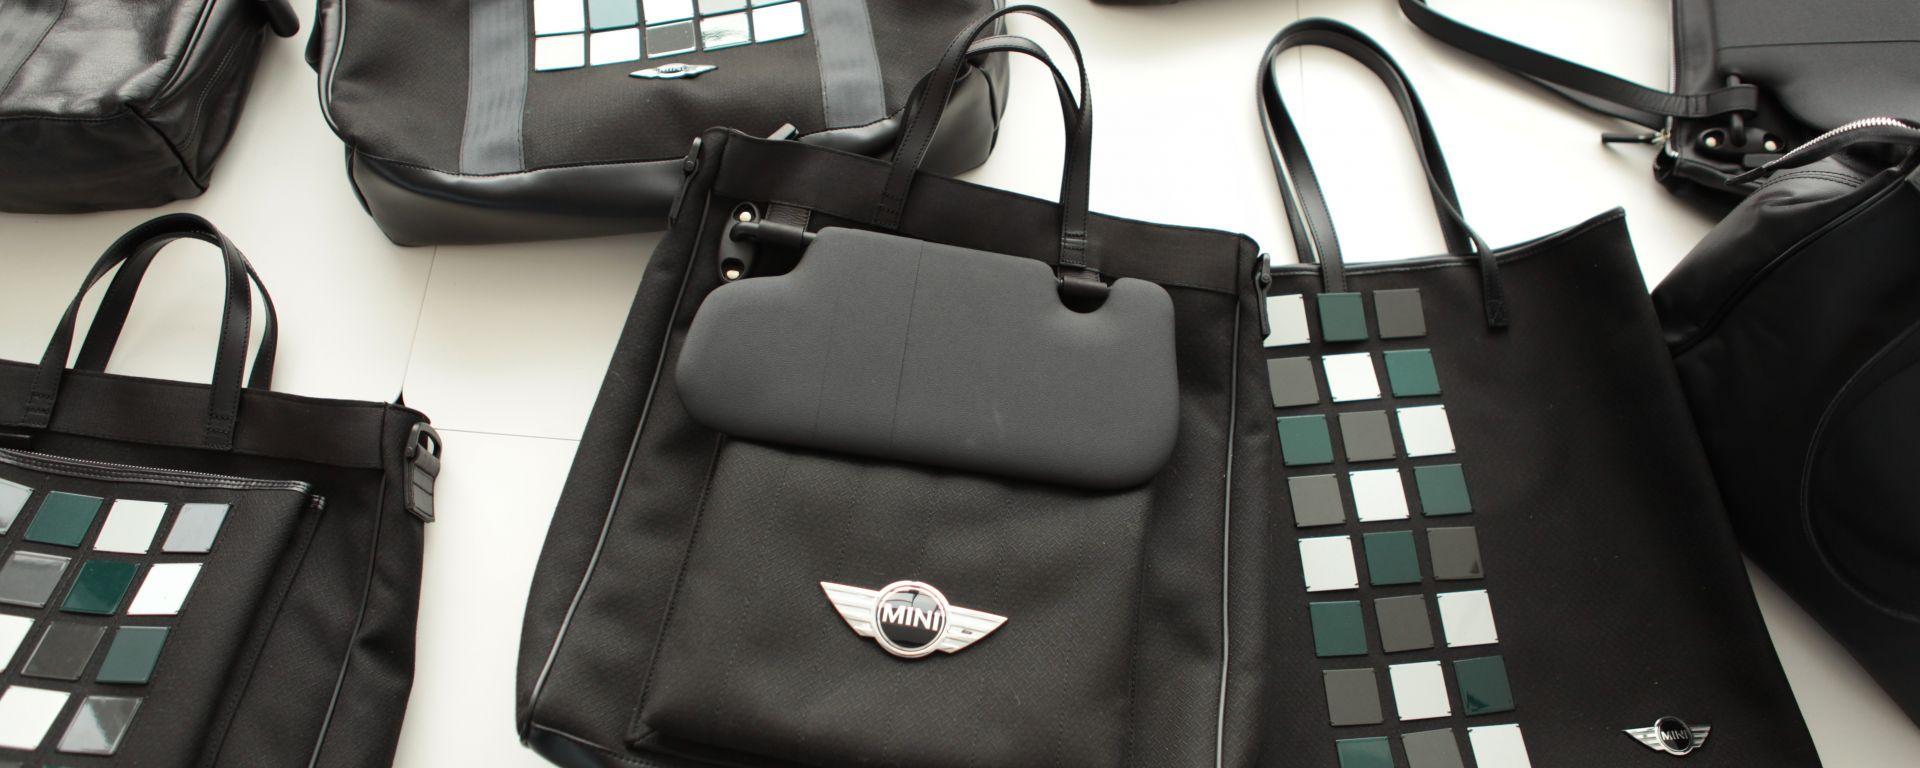 MINI: una linea di borse con gli scarti della Roadster